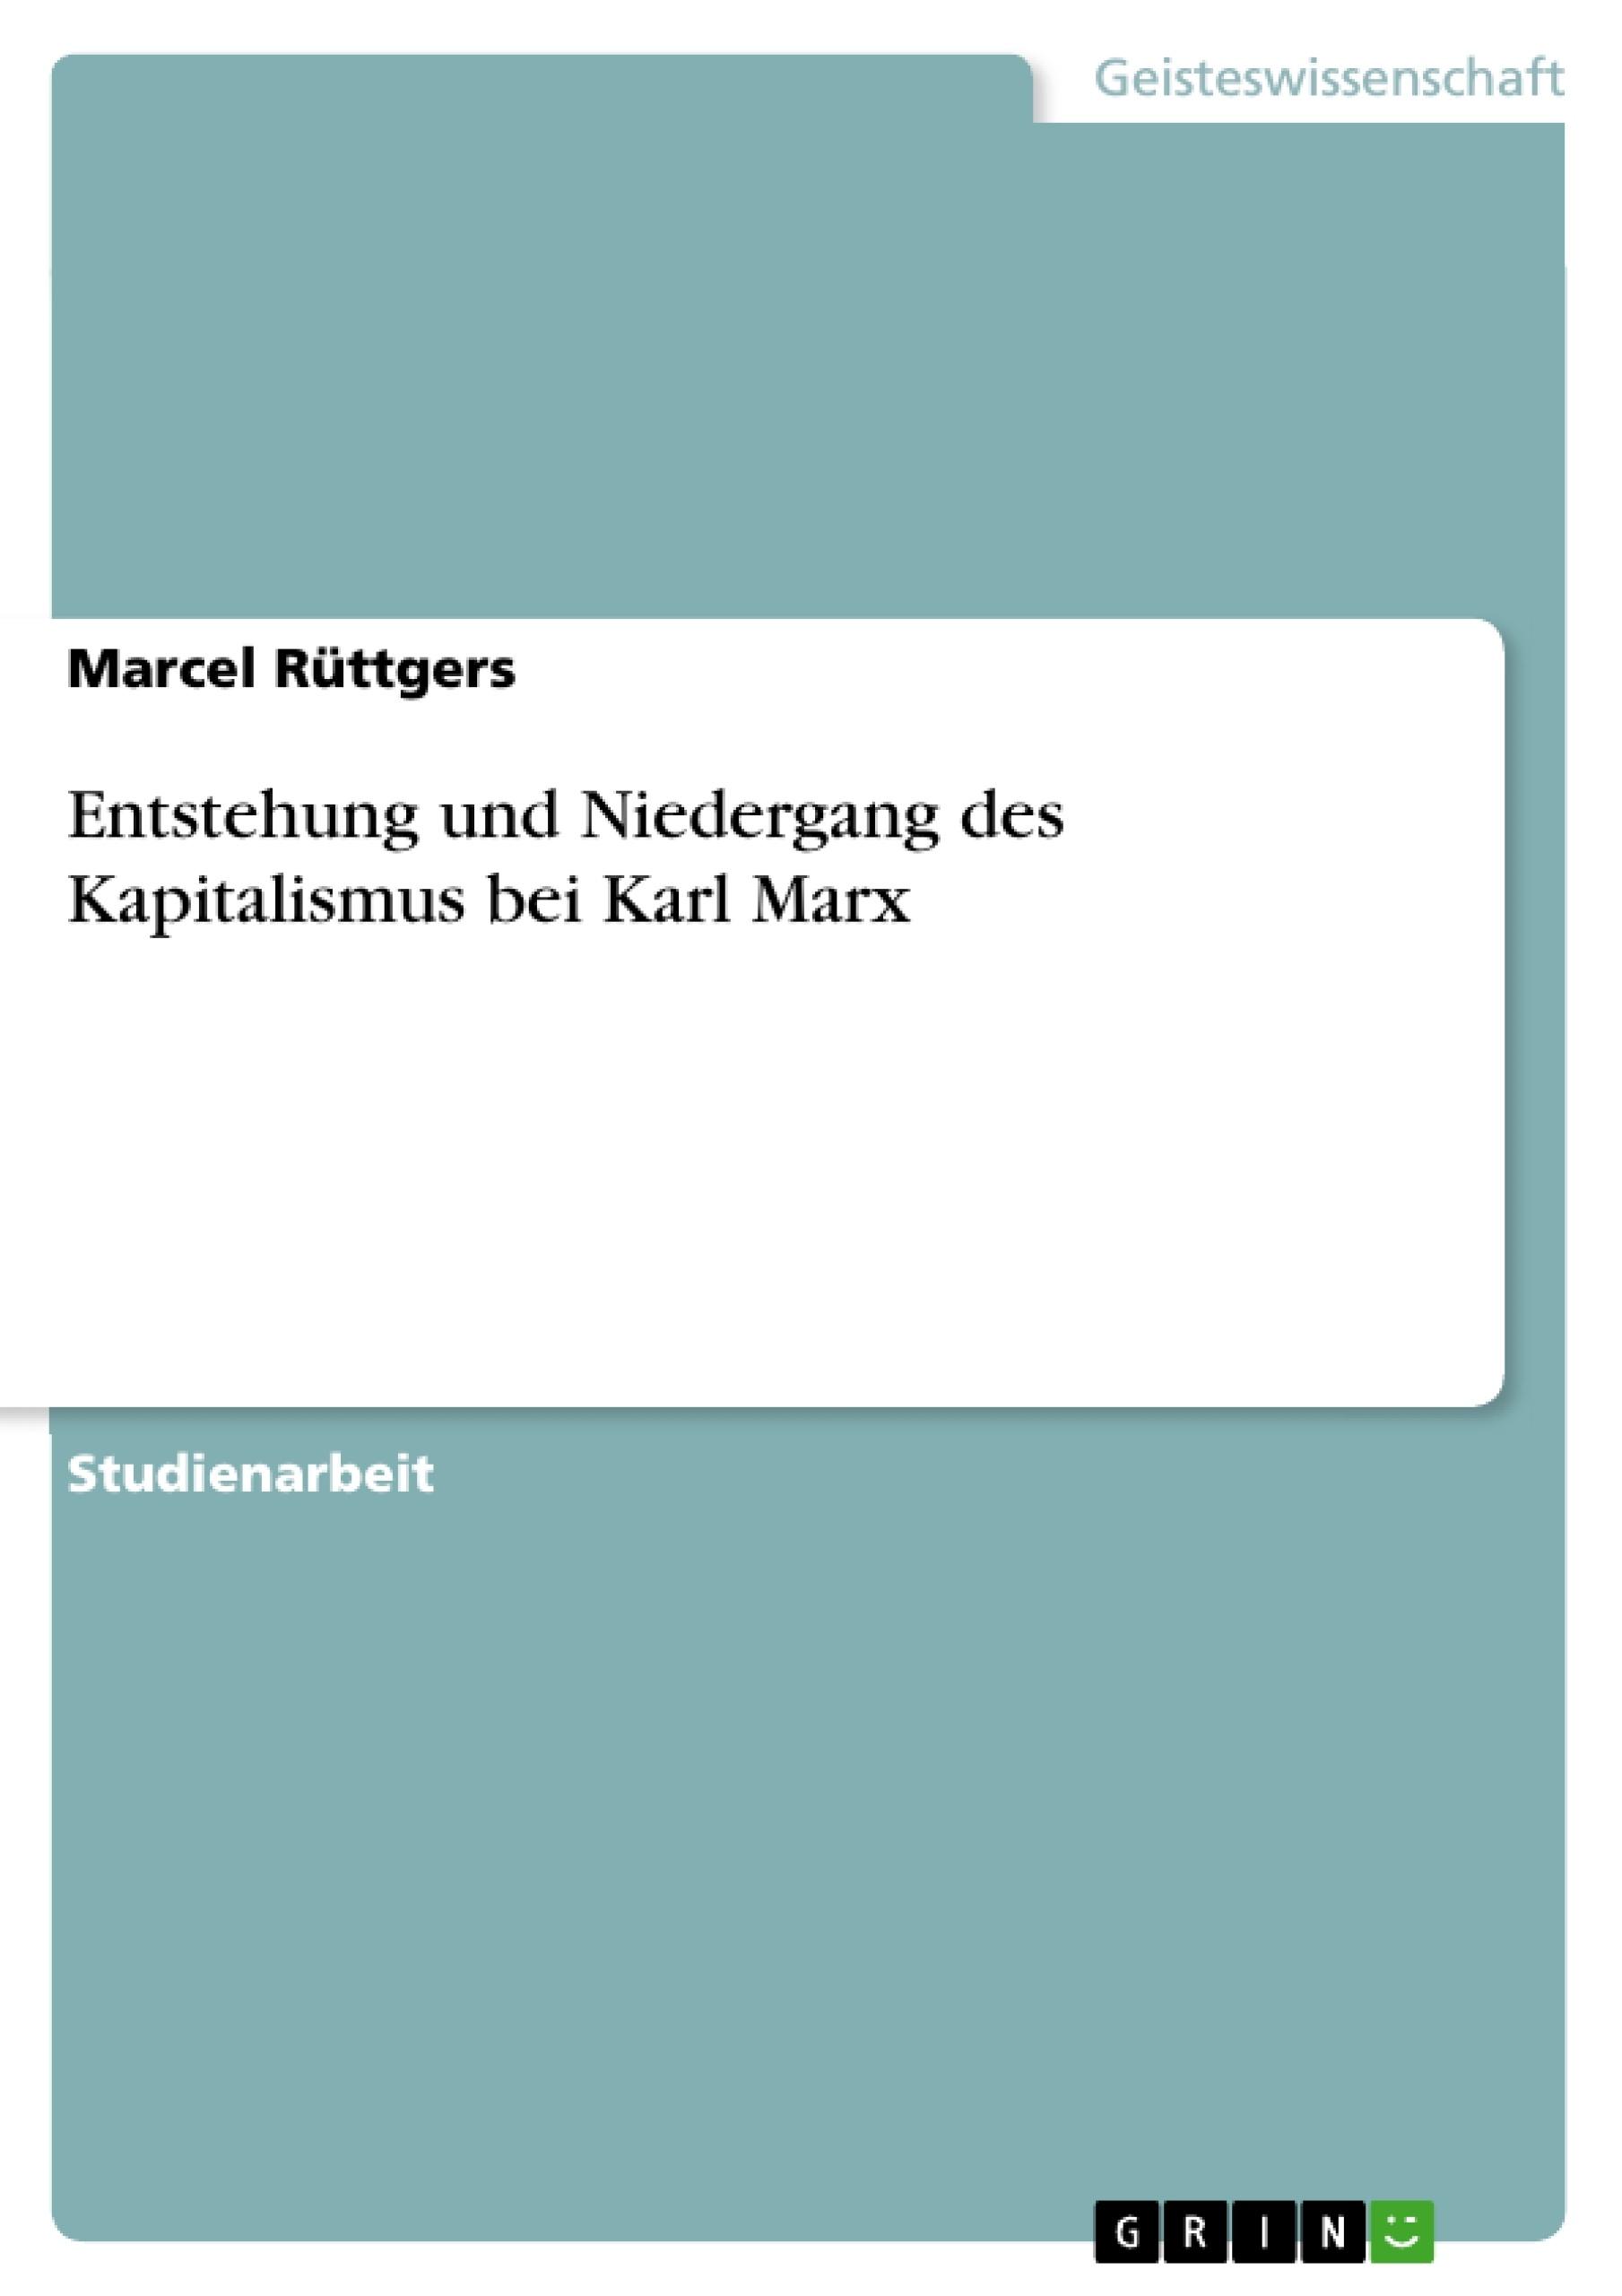 Titel: Entstehung und Niedergang des Kapitalismus bei Karl Marx